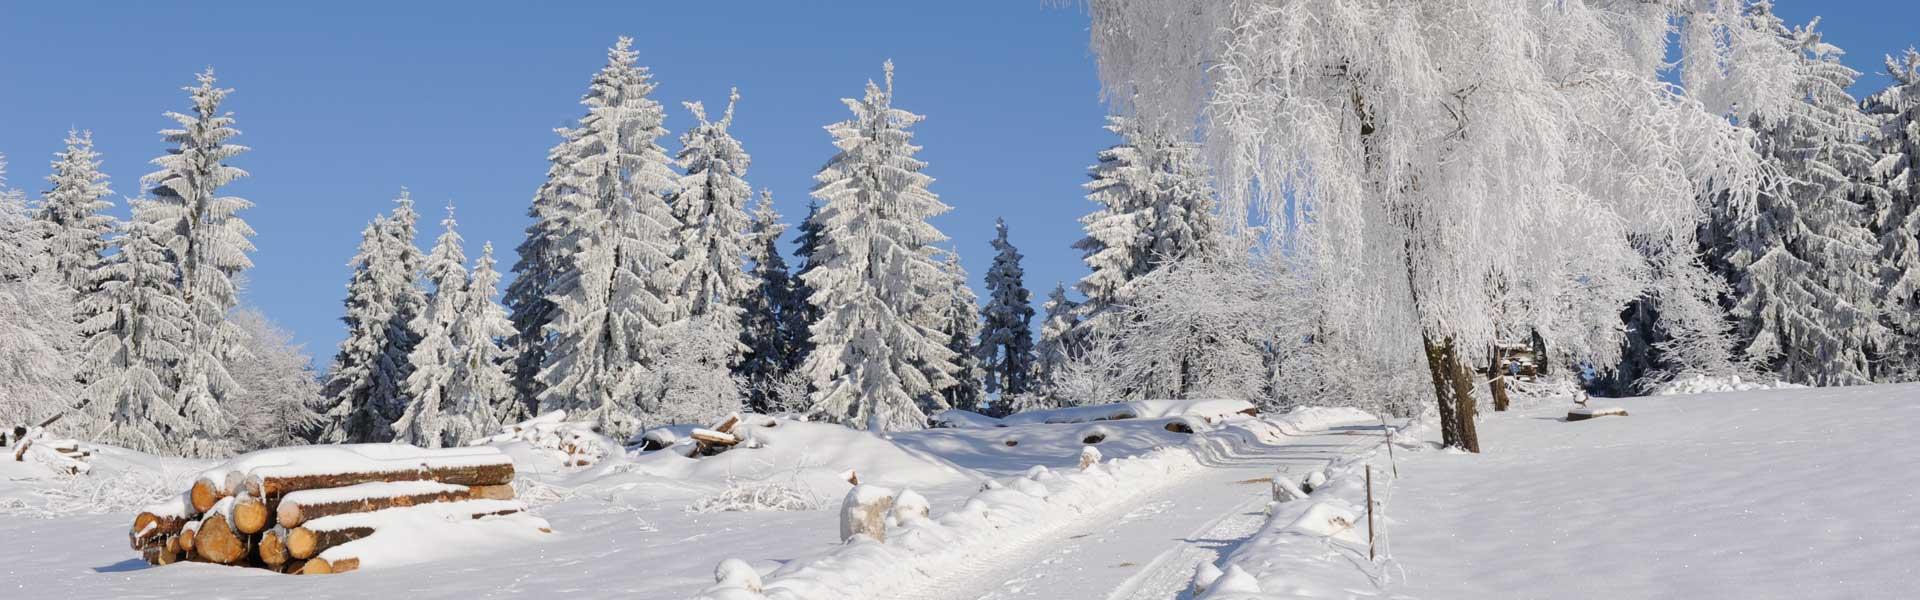 Winterwandern in Waldkirchen – Entspannung und Erholung pur